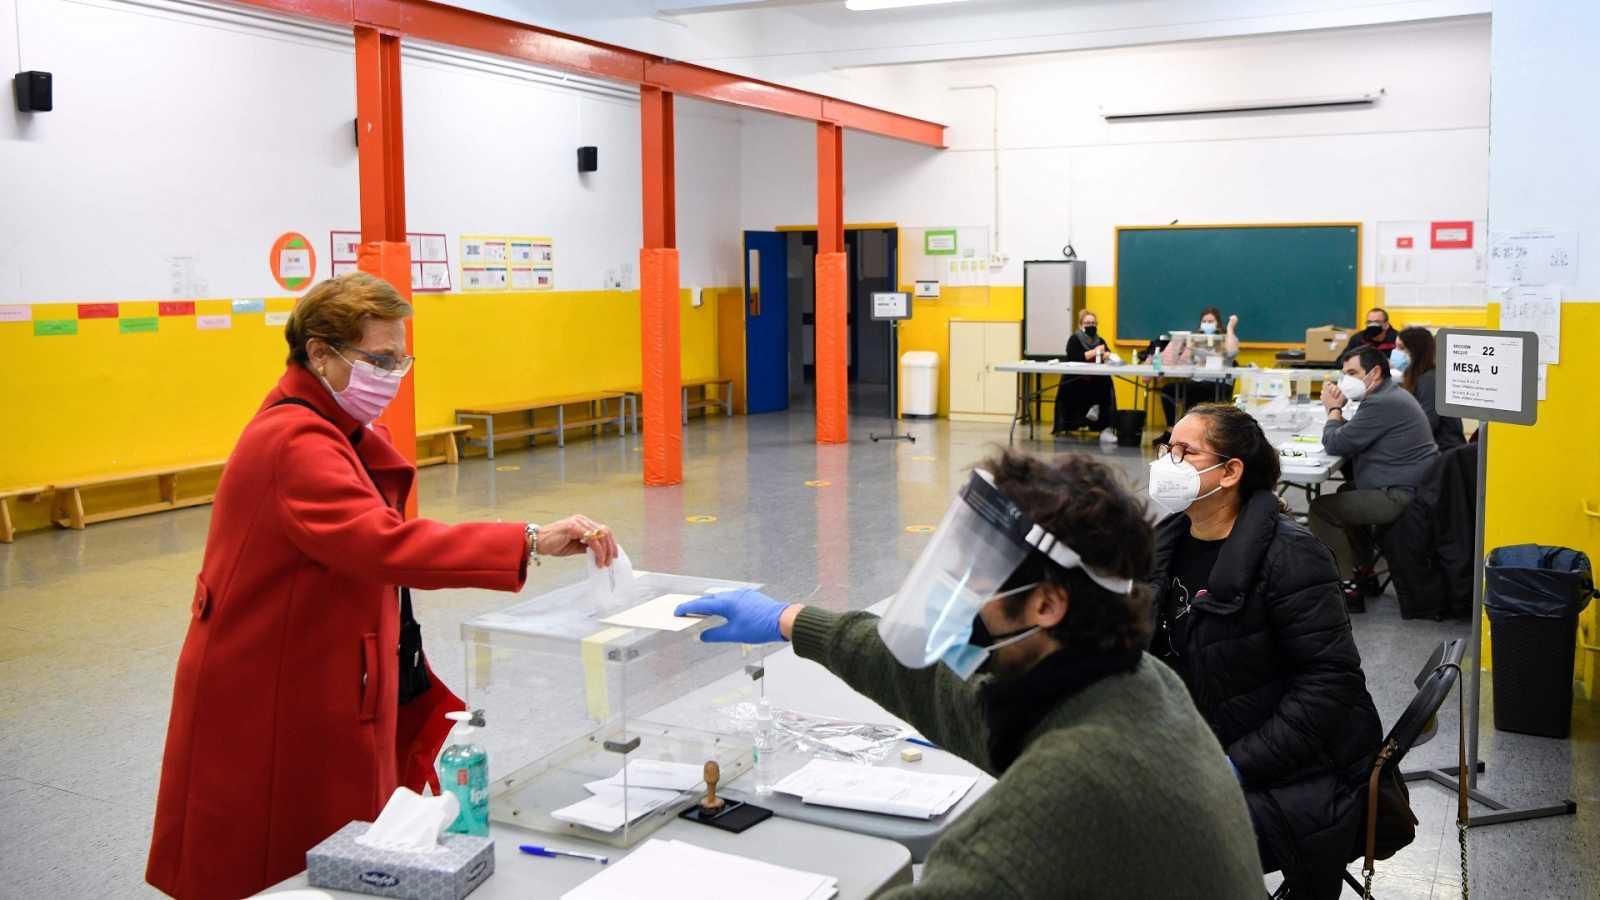 Una mujer deposita su voto en un colegio de L'Hospitalet de Llobregat (Barcelona).